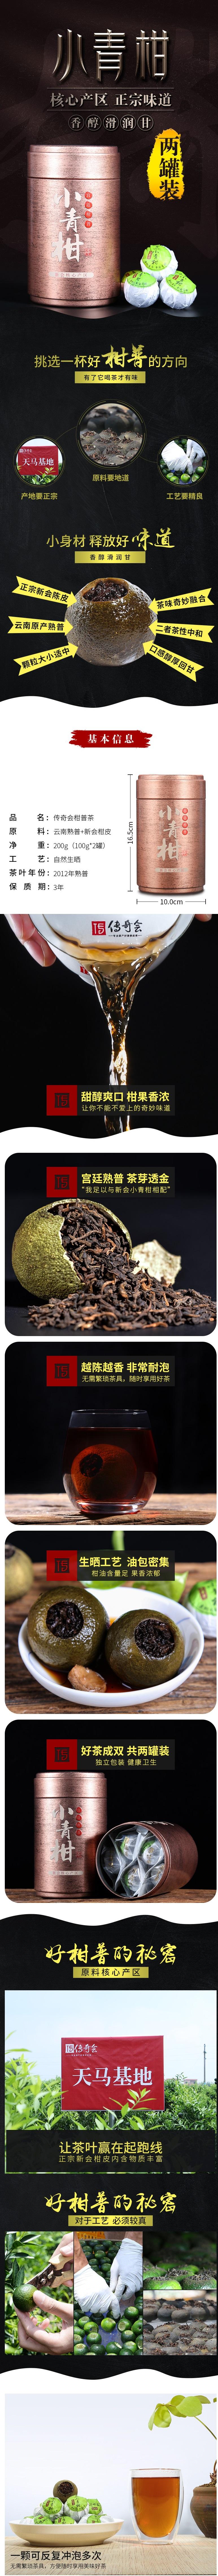 新会小青柑 普洱茶熟茶生晒陈皮柑普茶礼盒装共100g*2罐